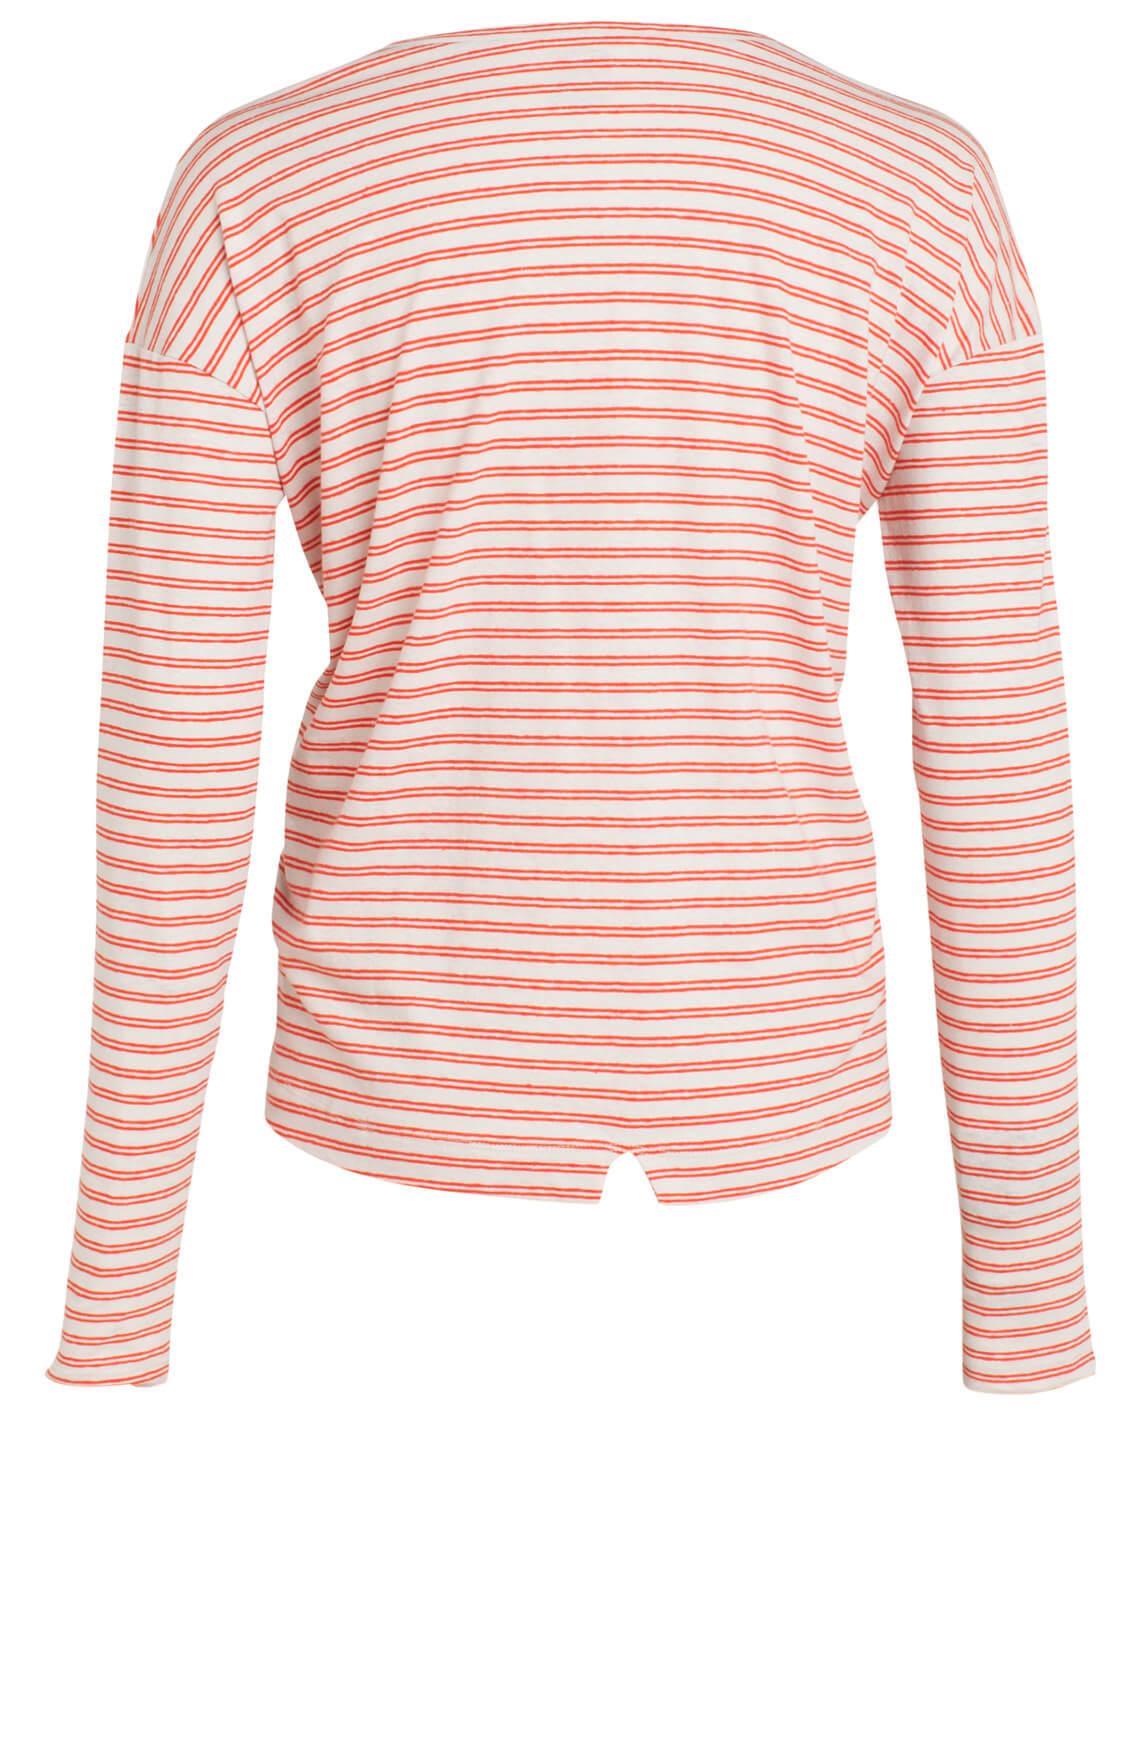 Penn & Ink Dames Gestreept shirt